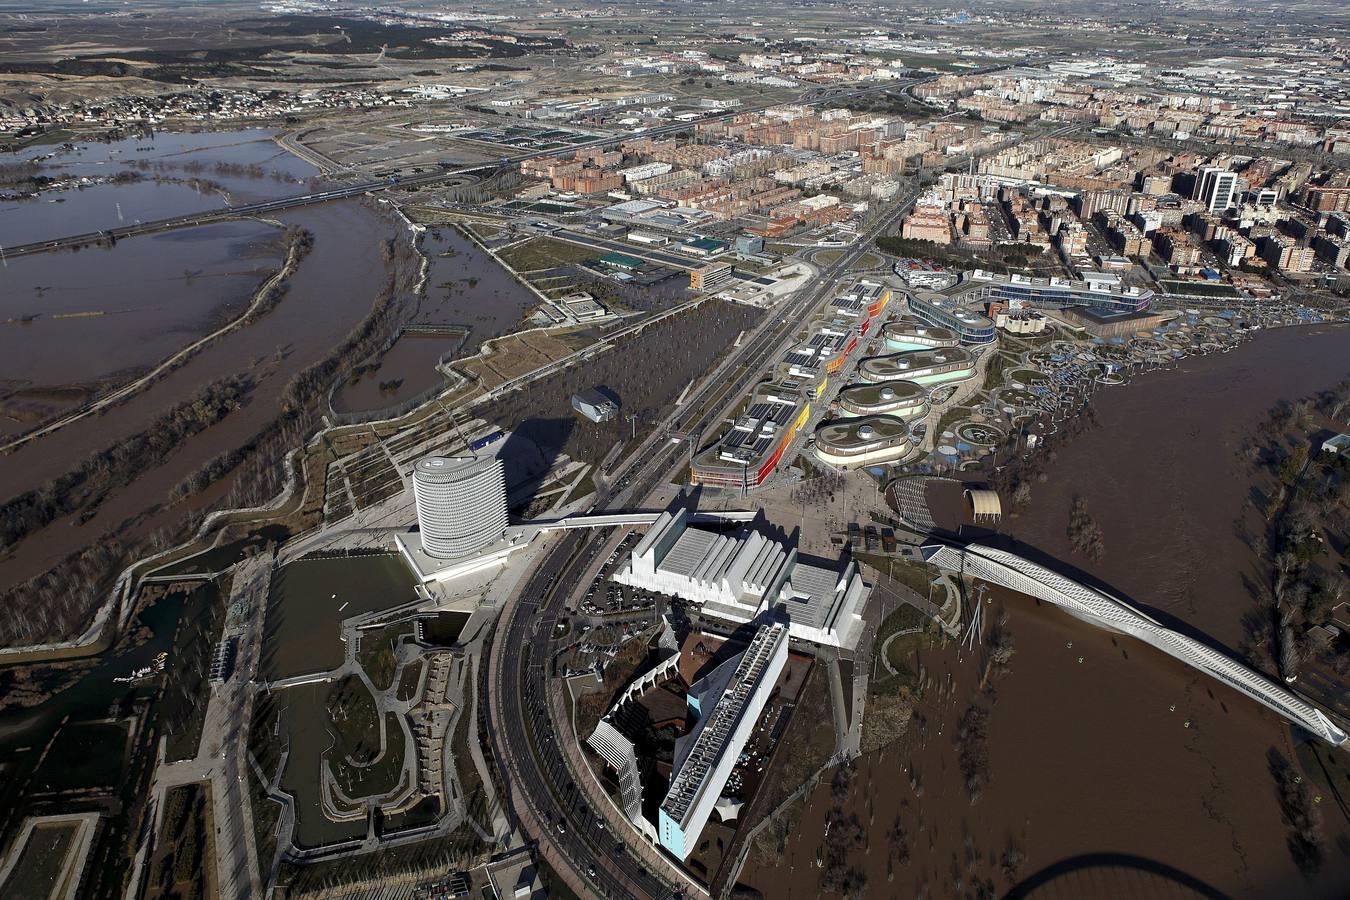 La semana más angustiosa en la ribera del Ebro del siglo XXI